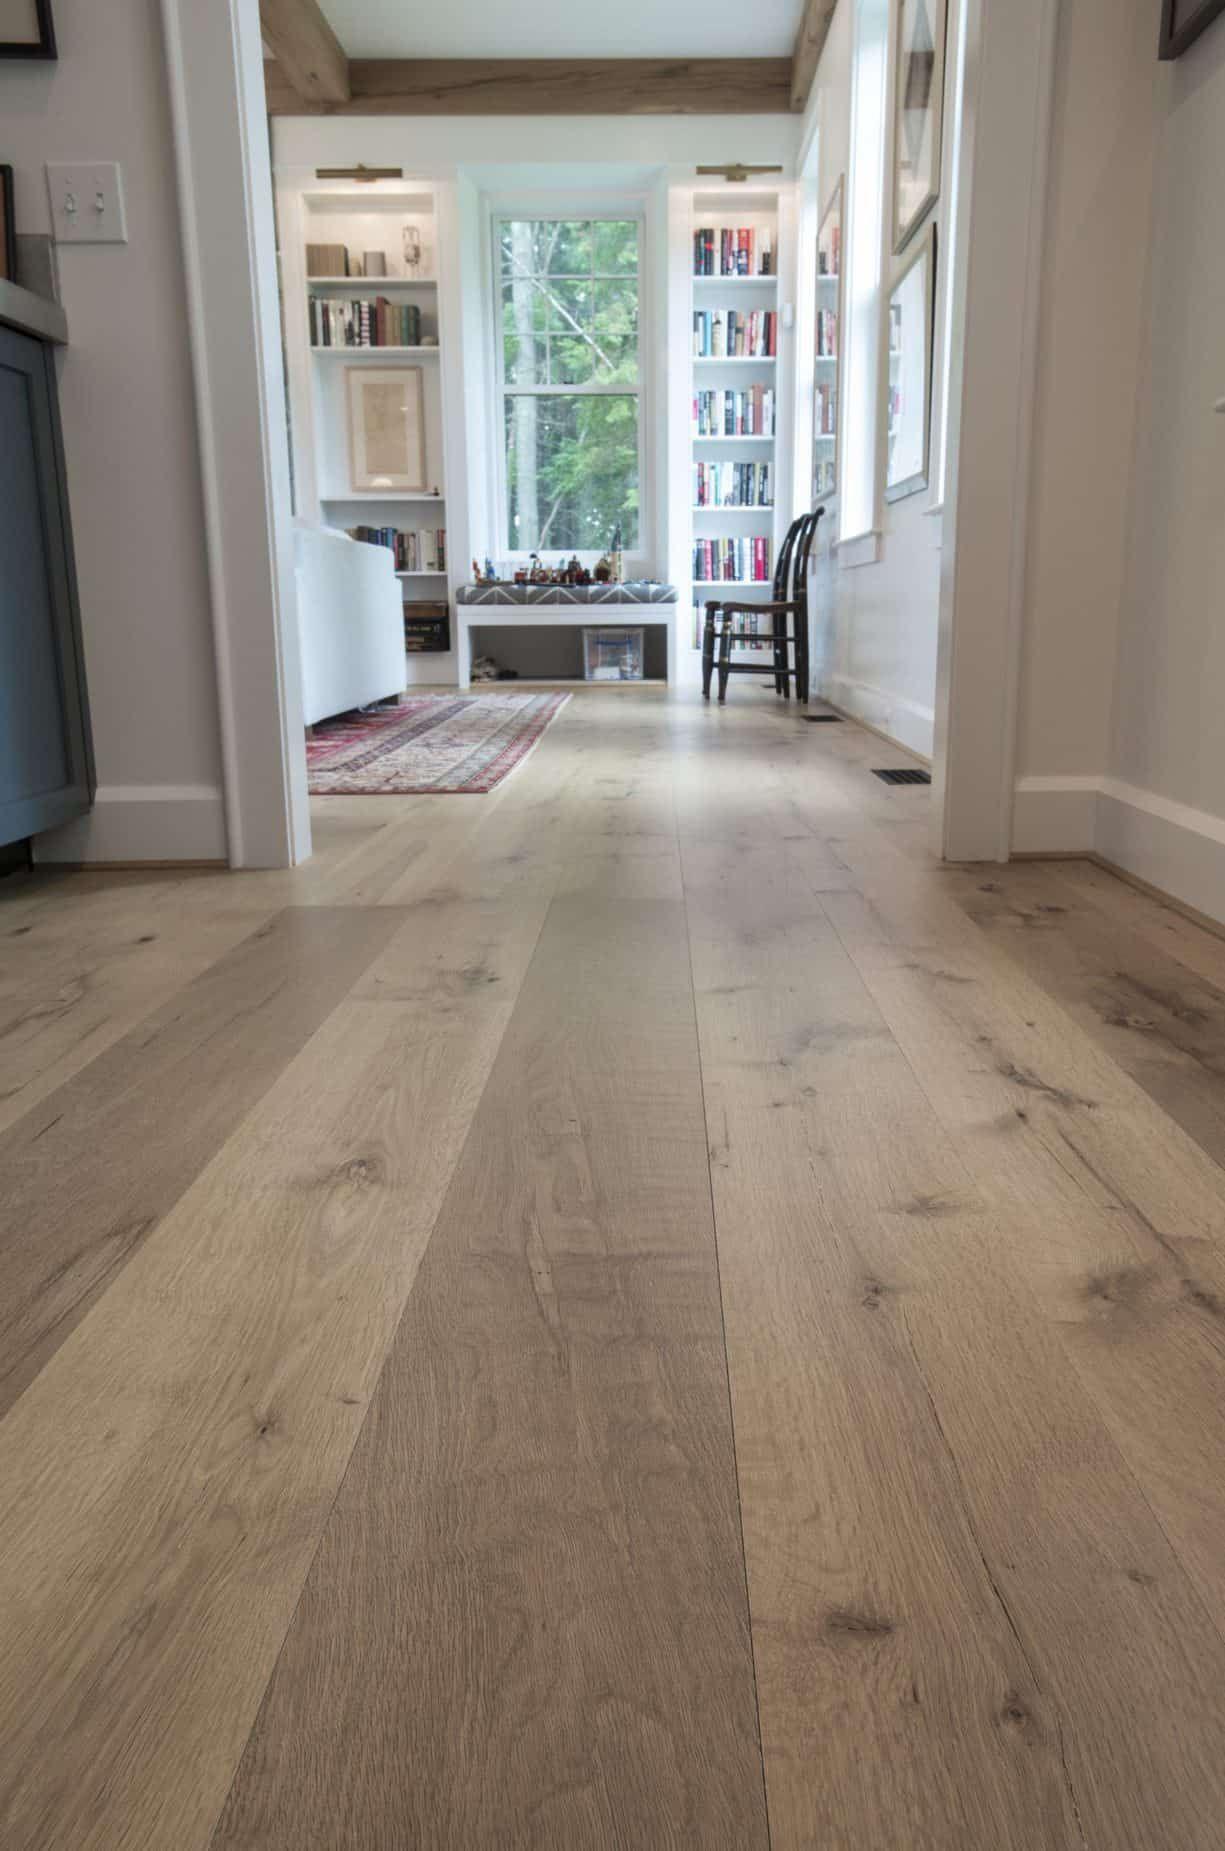 Is White Oak Good For Flooring